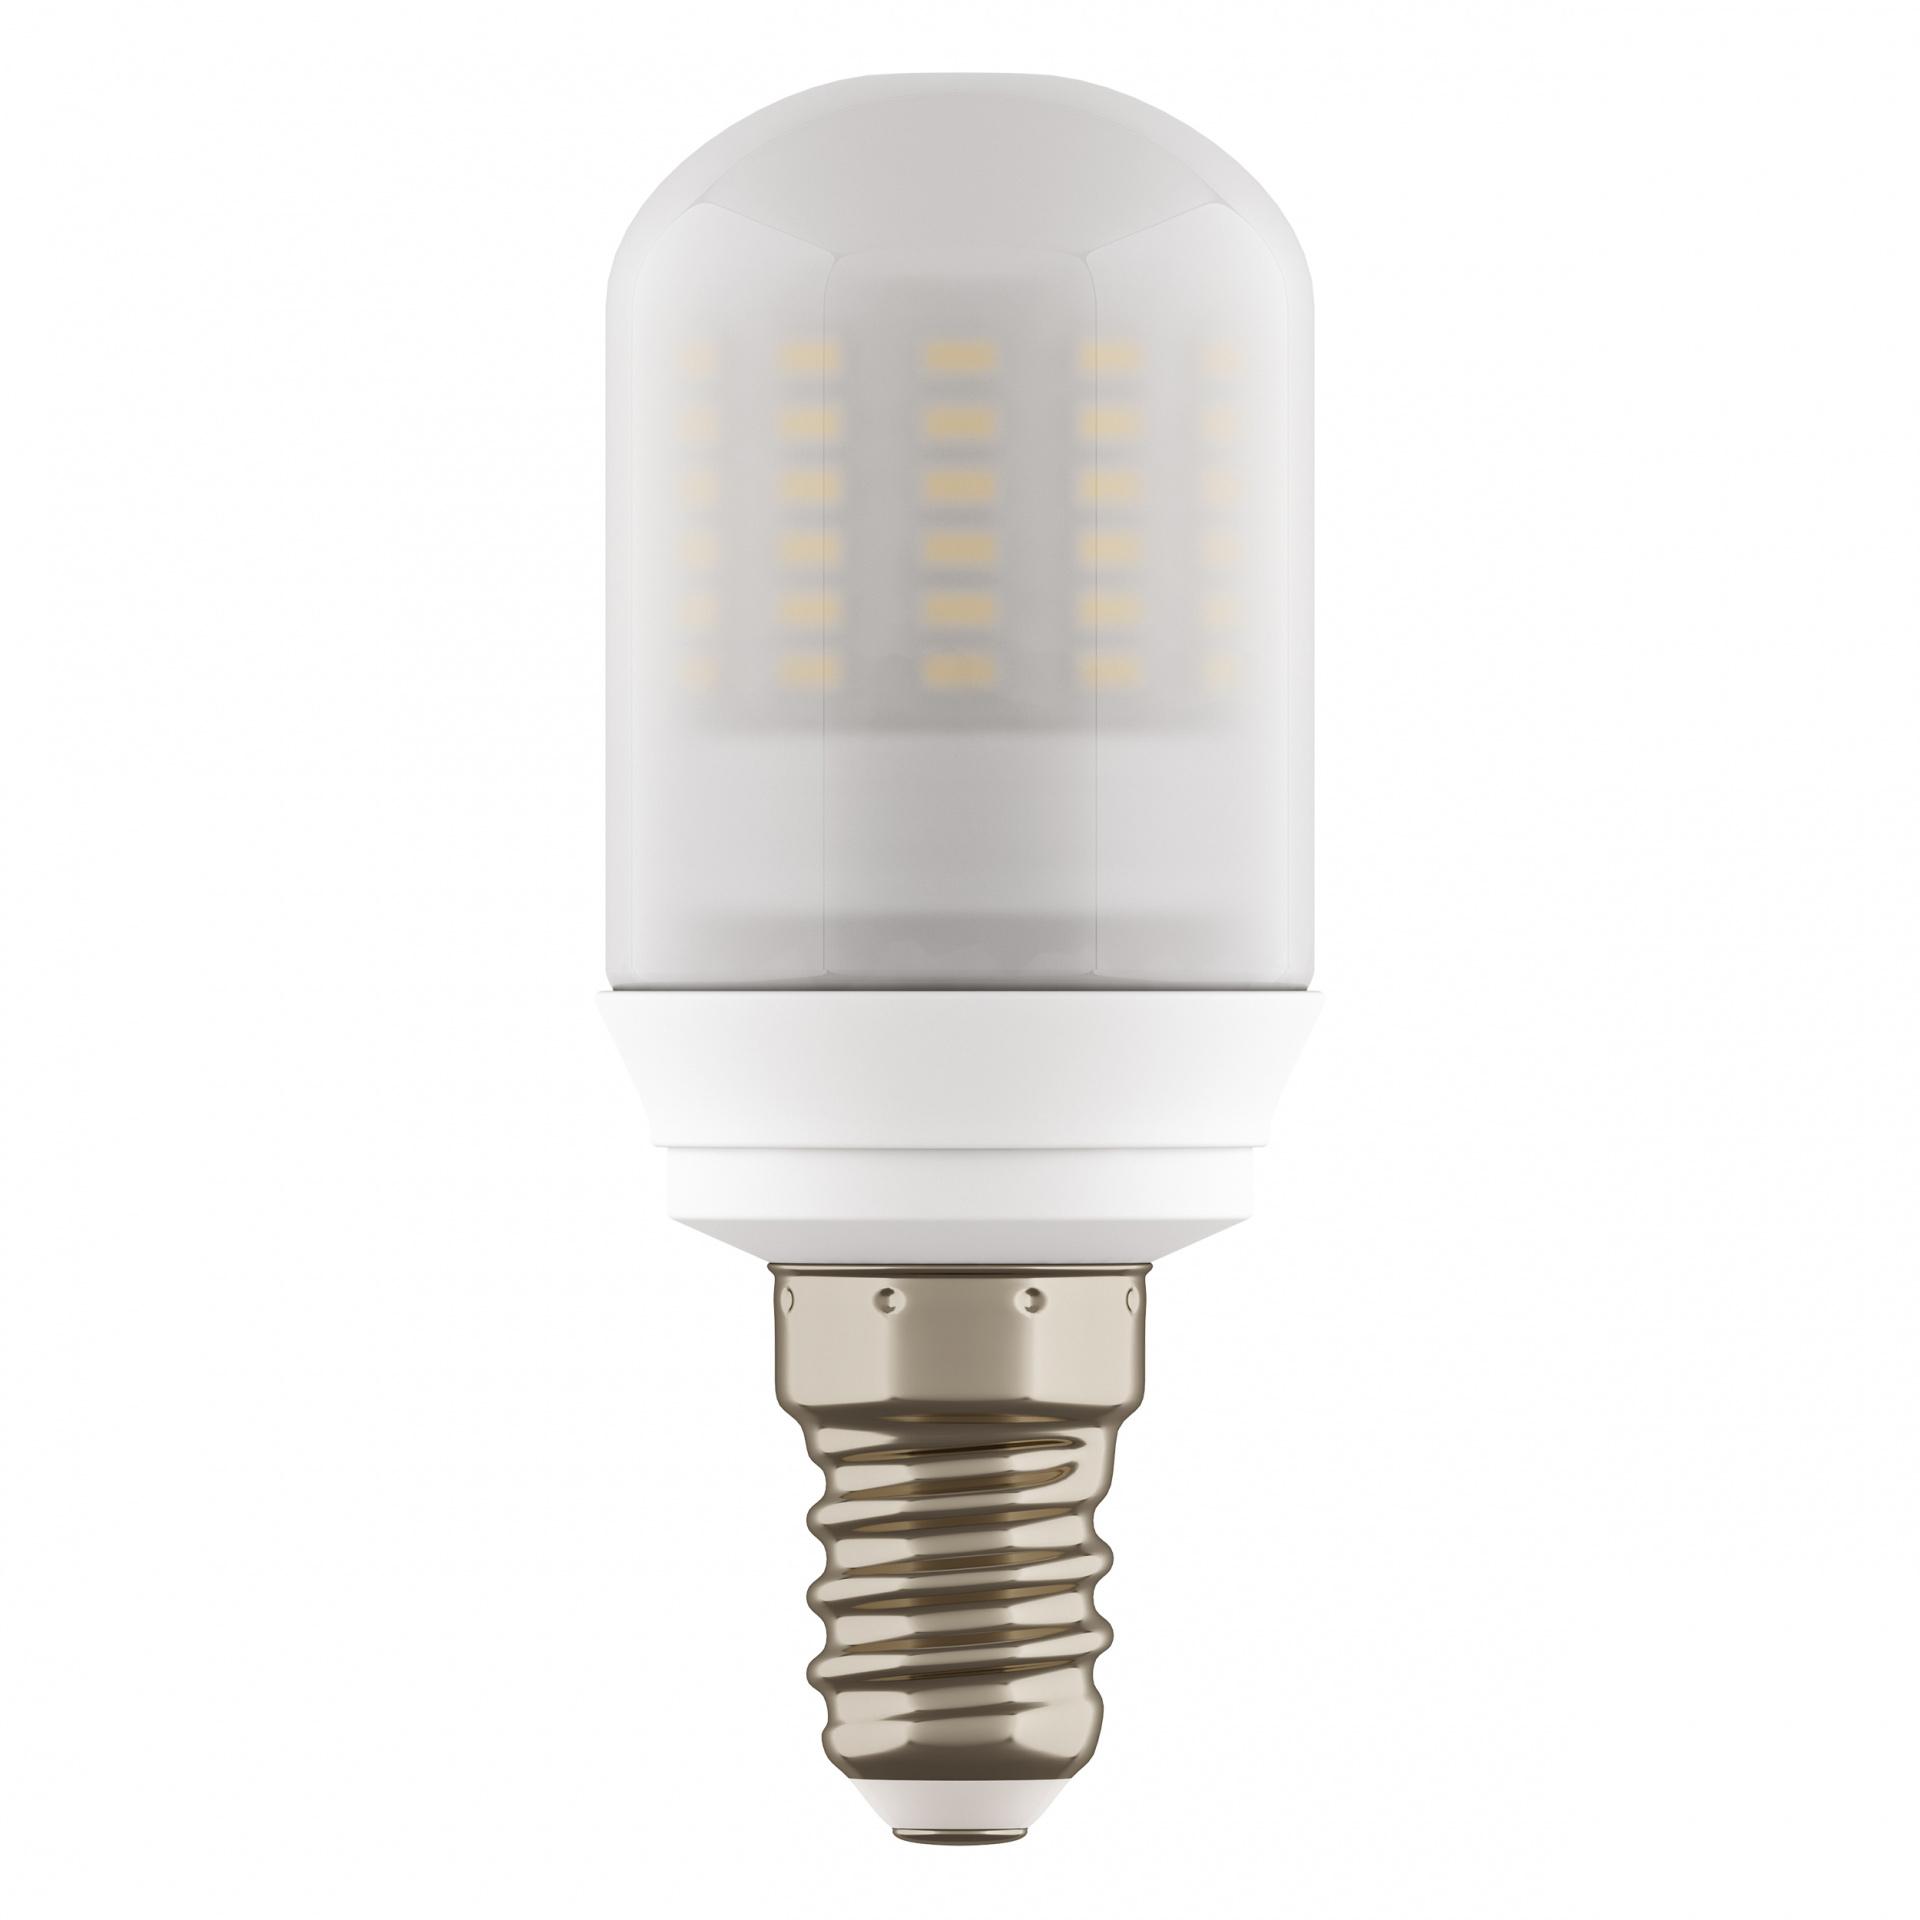 Лампа LED 220V T35 E14 9W=90W 780LM 360G FR 4000K 20000H Lightstar 930714, купить в СПб, Москве, с доставкой, Санкт-Петербург, интернет-магазин люстр и светильников Starlight, фото в жизни